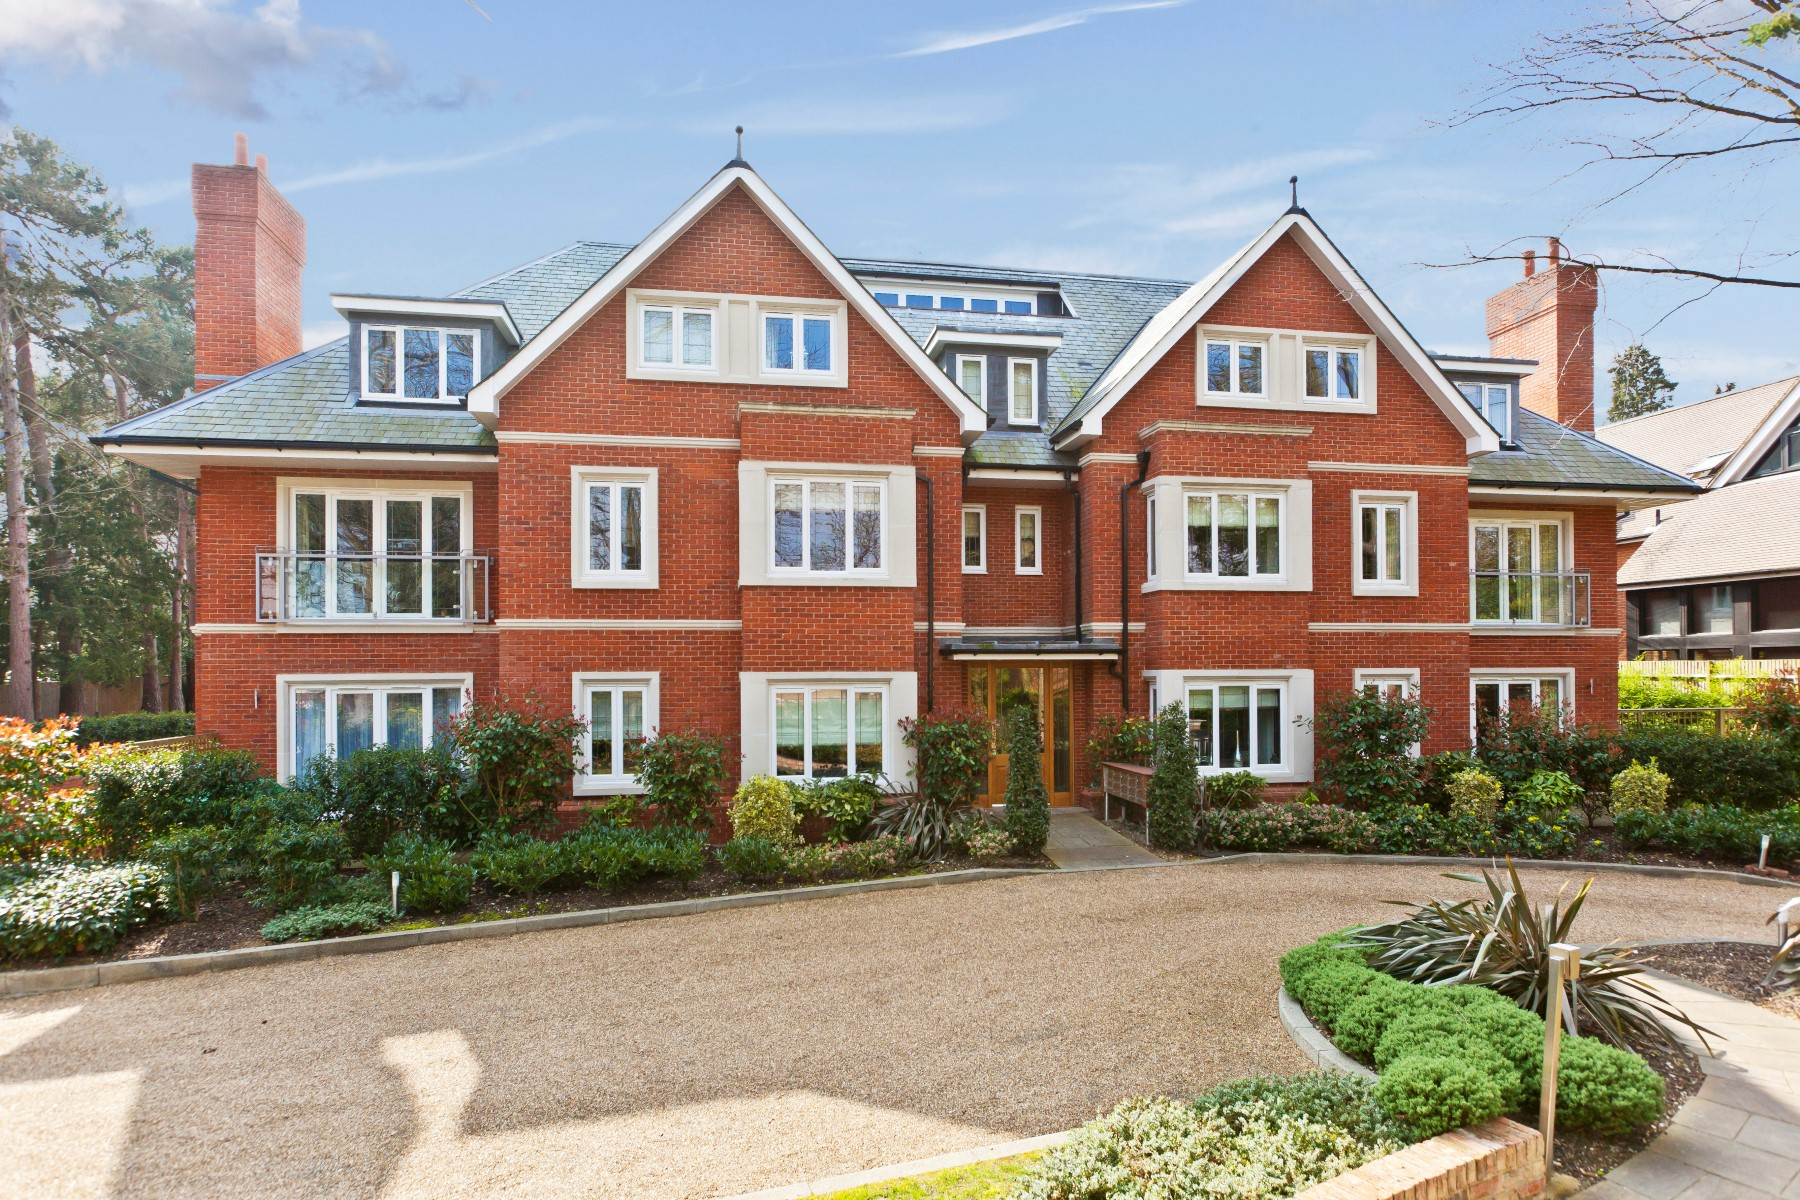 獨棟家庭住宅 為 出售 在 Weybridge, Surrey Gower Road Weybridge, 英格蘭, KT130BF 英國